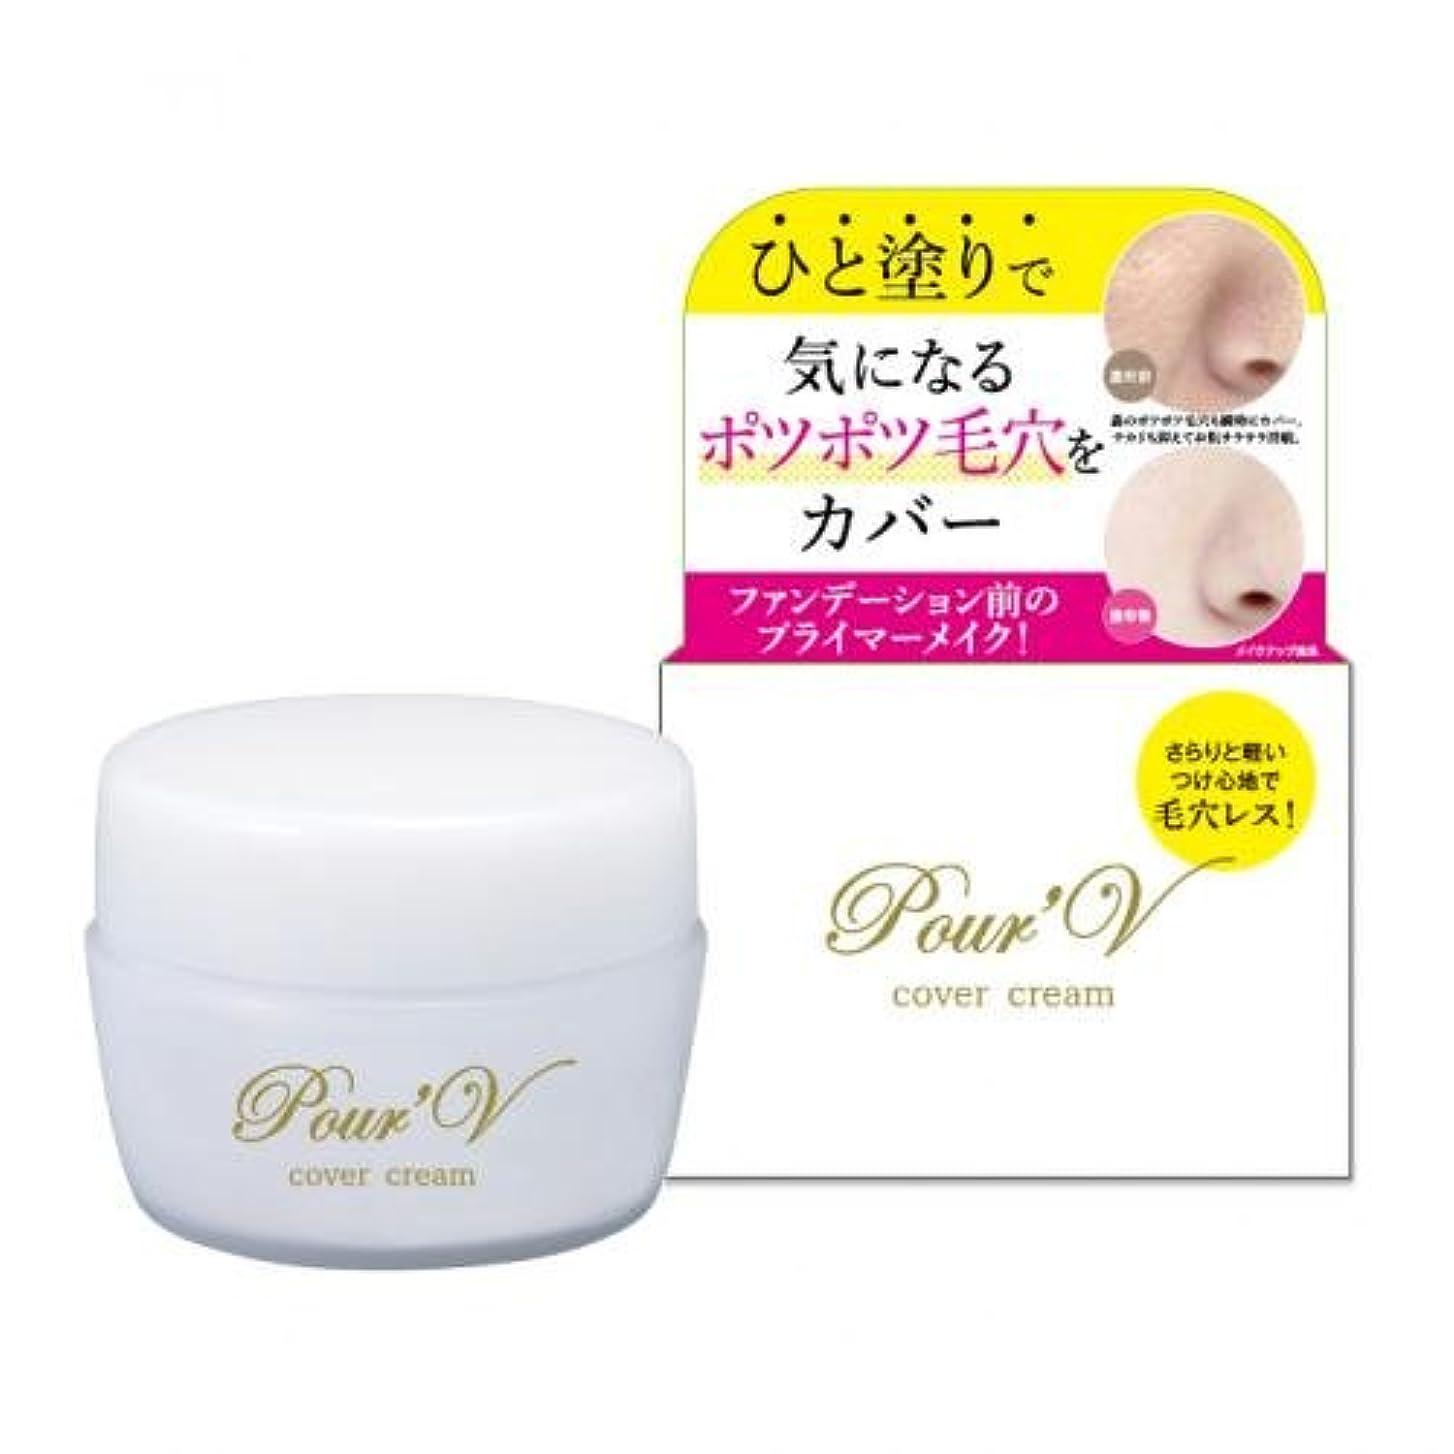 家事天井舌Pour'V プレヴ cover cream